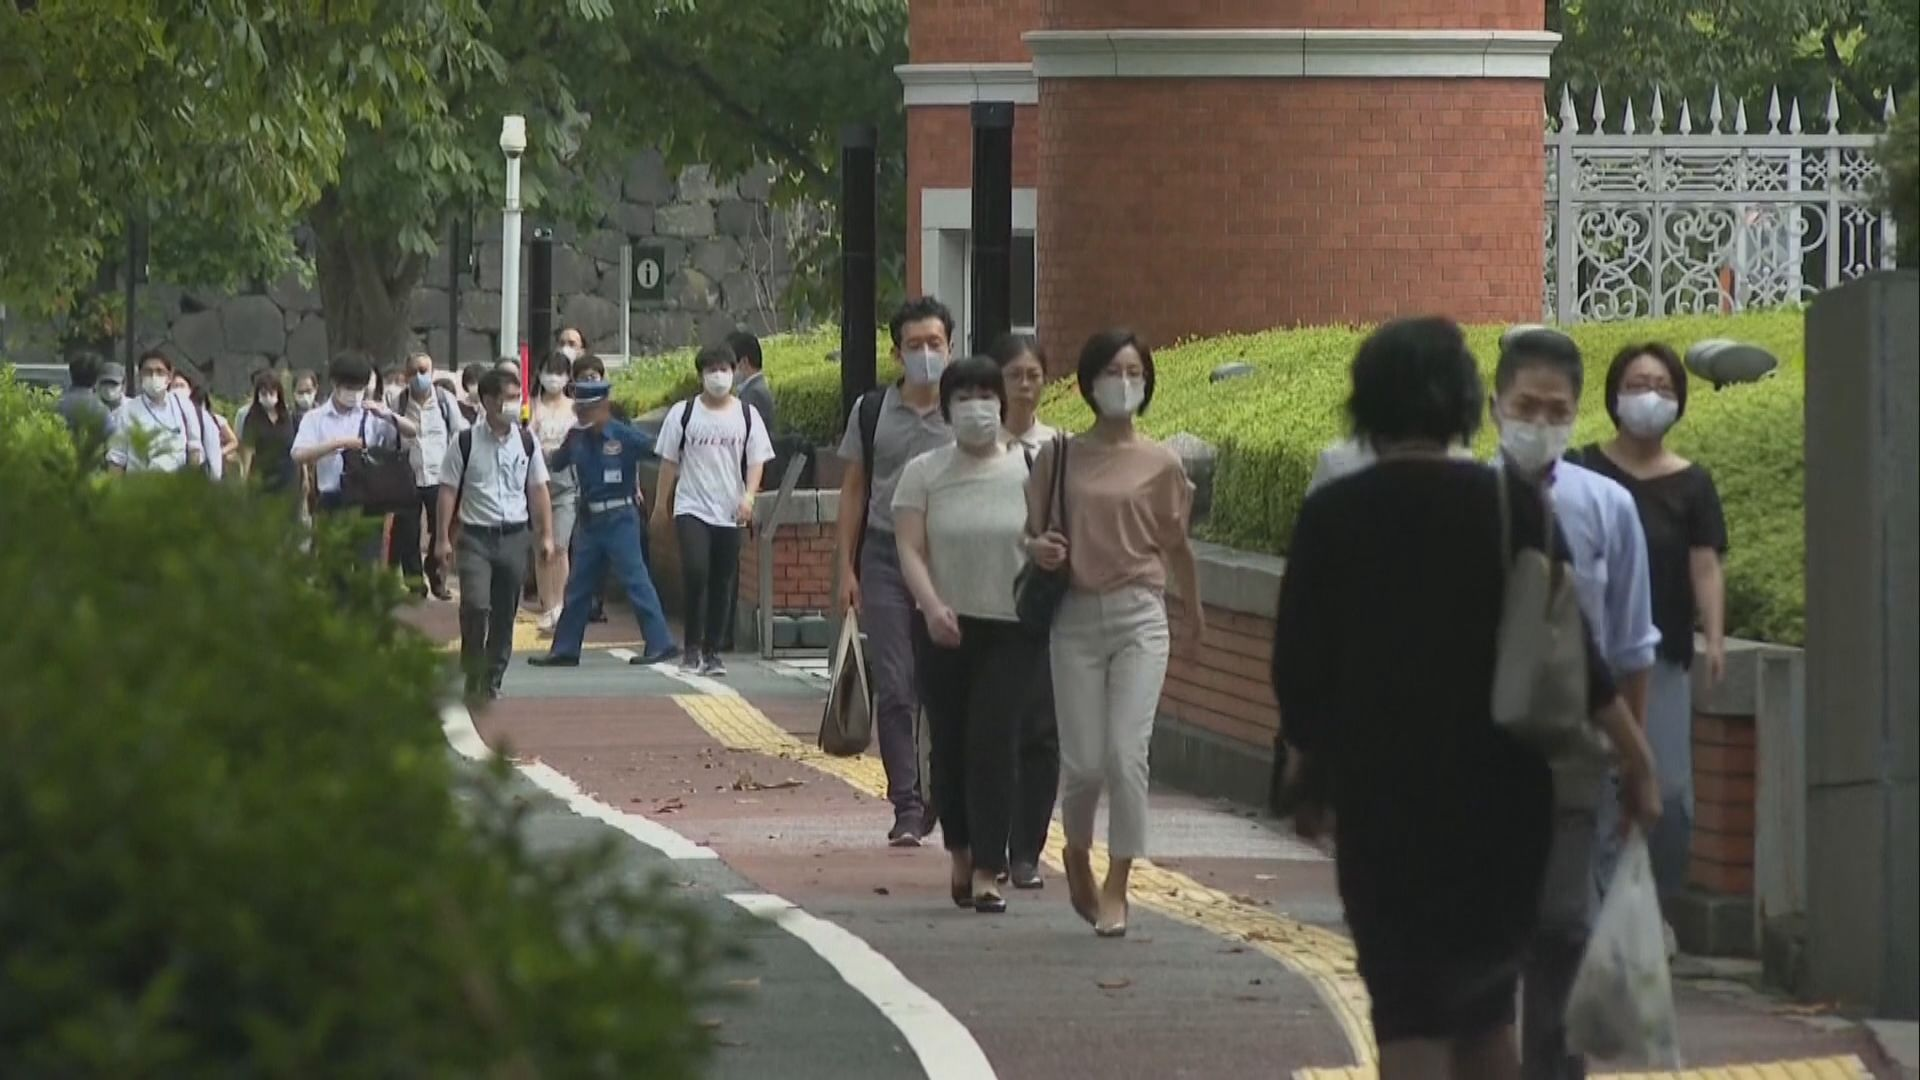 日本逾2300人確診破單日紀錄 東京都疫情警戒級別升至最高